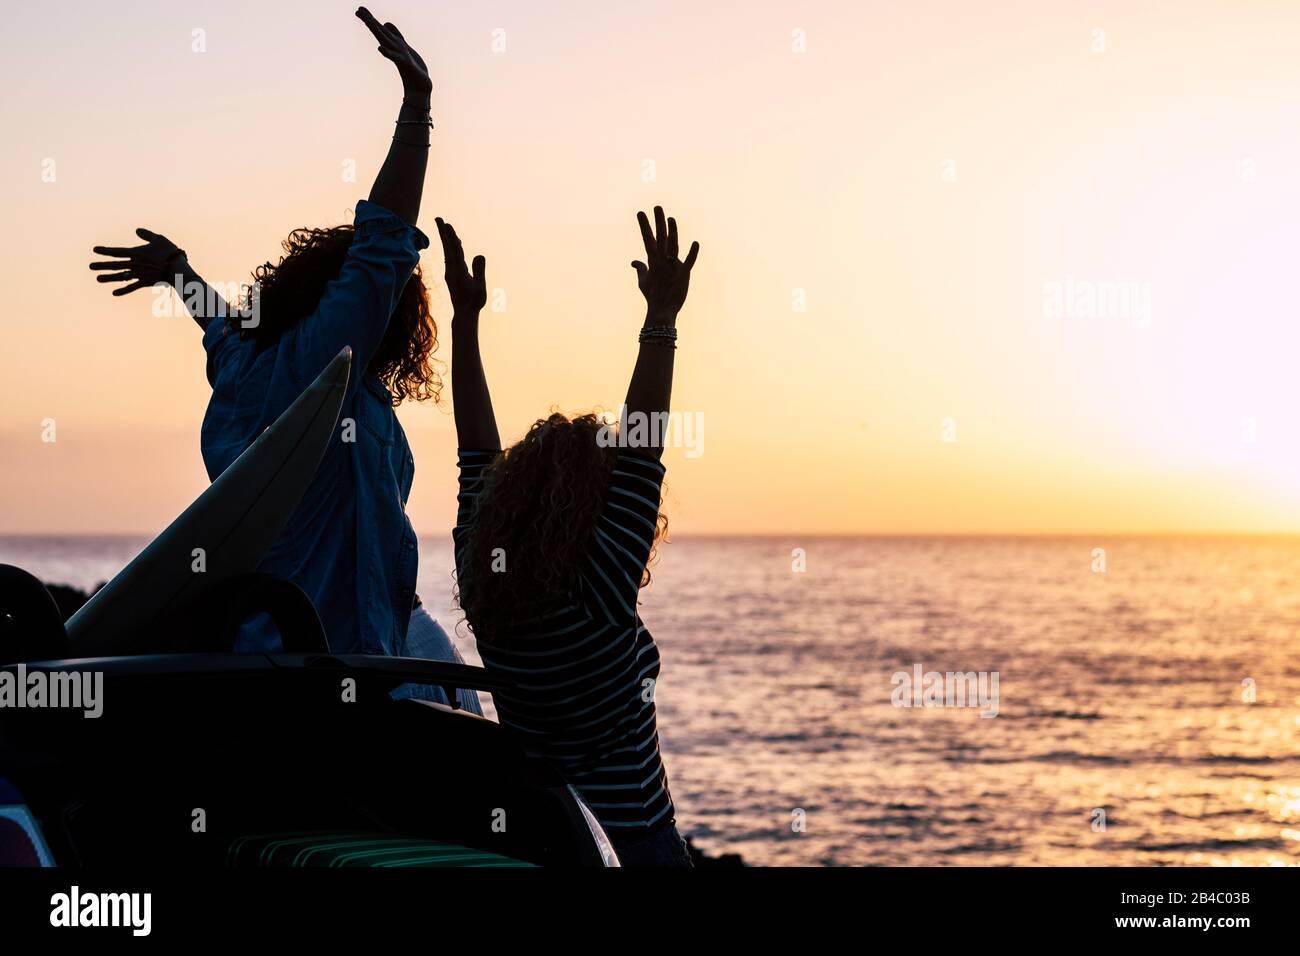 Glück und gelungenes Konzept mit ein paar Frauen junge Freunde genießen den Sonnenuntergang im Urlaub Sommerurlaub - fröhlich und Menschen in der Freizeit im Freien - Meer- und Sonnenhintergrund Stockfoto